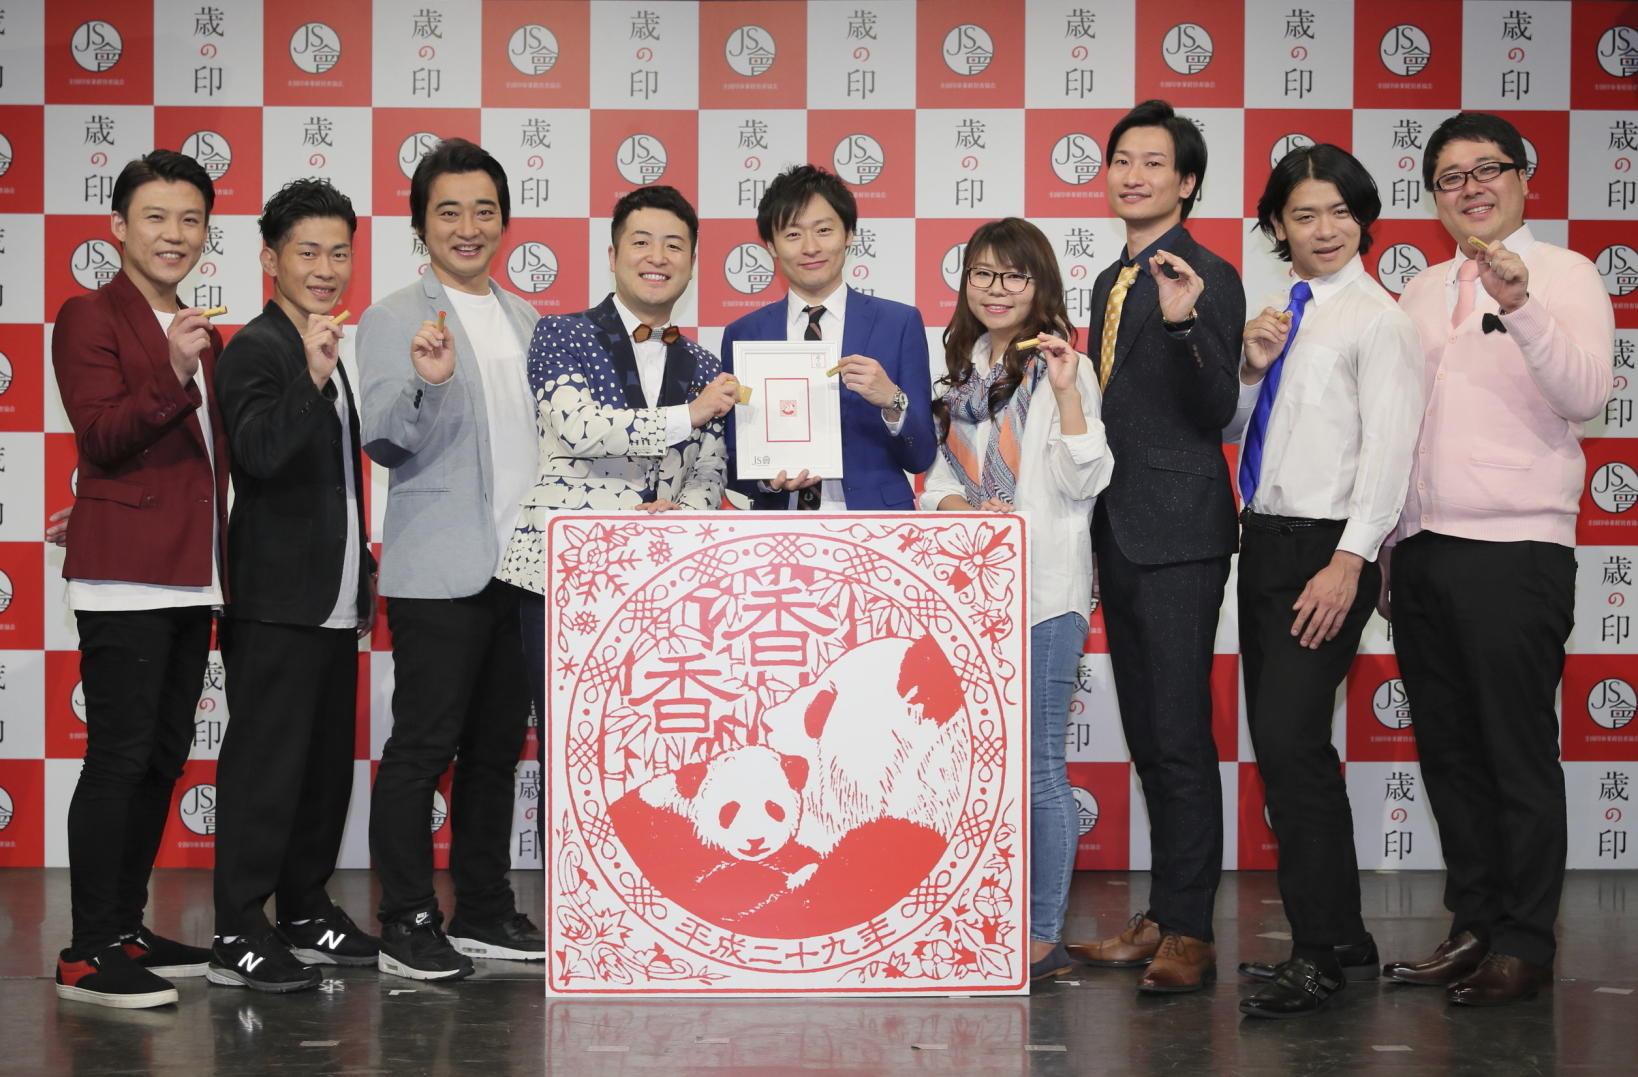 http://news.yoshimoto.co.jp/20171204173127-1b340f4cd102a8330cd962b7f736238a5d90a323.jpg